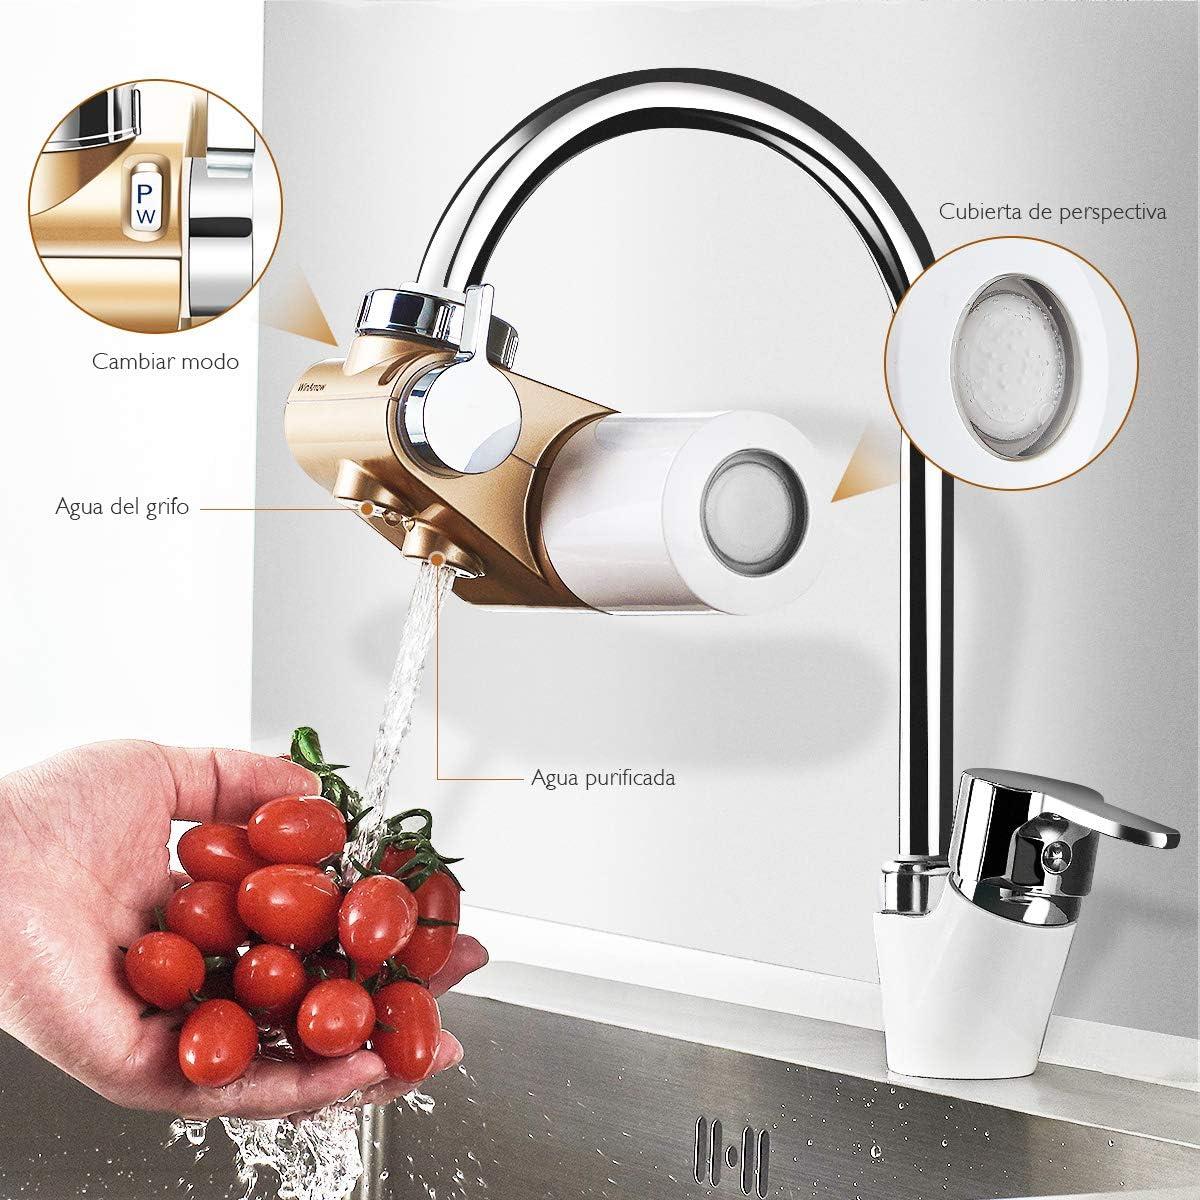 WinArrow- Filtro de Agua Para Grifo, Filtro de Agua Actualizado con KDF55 Filtro de Cerámica de Alta Precisión Eliminar el Cloro para Cocina y Baño: Amazon.es: Hogar